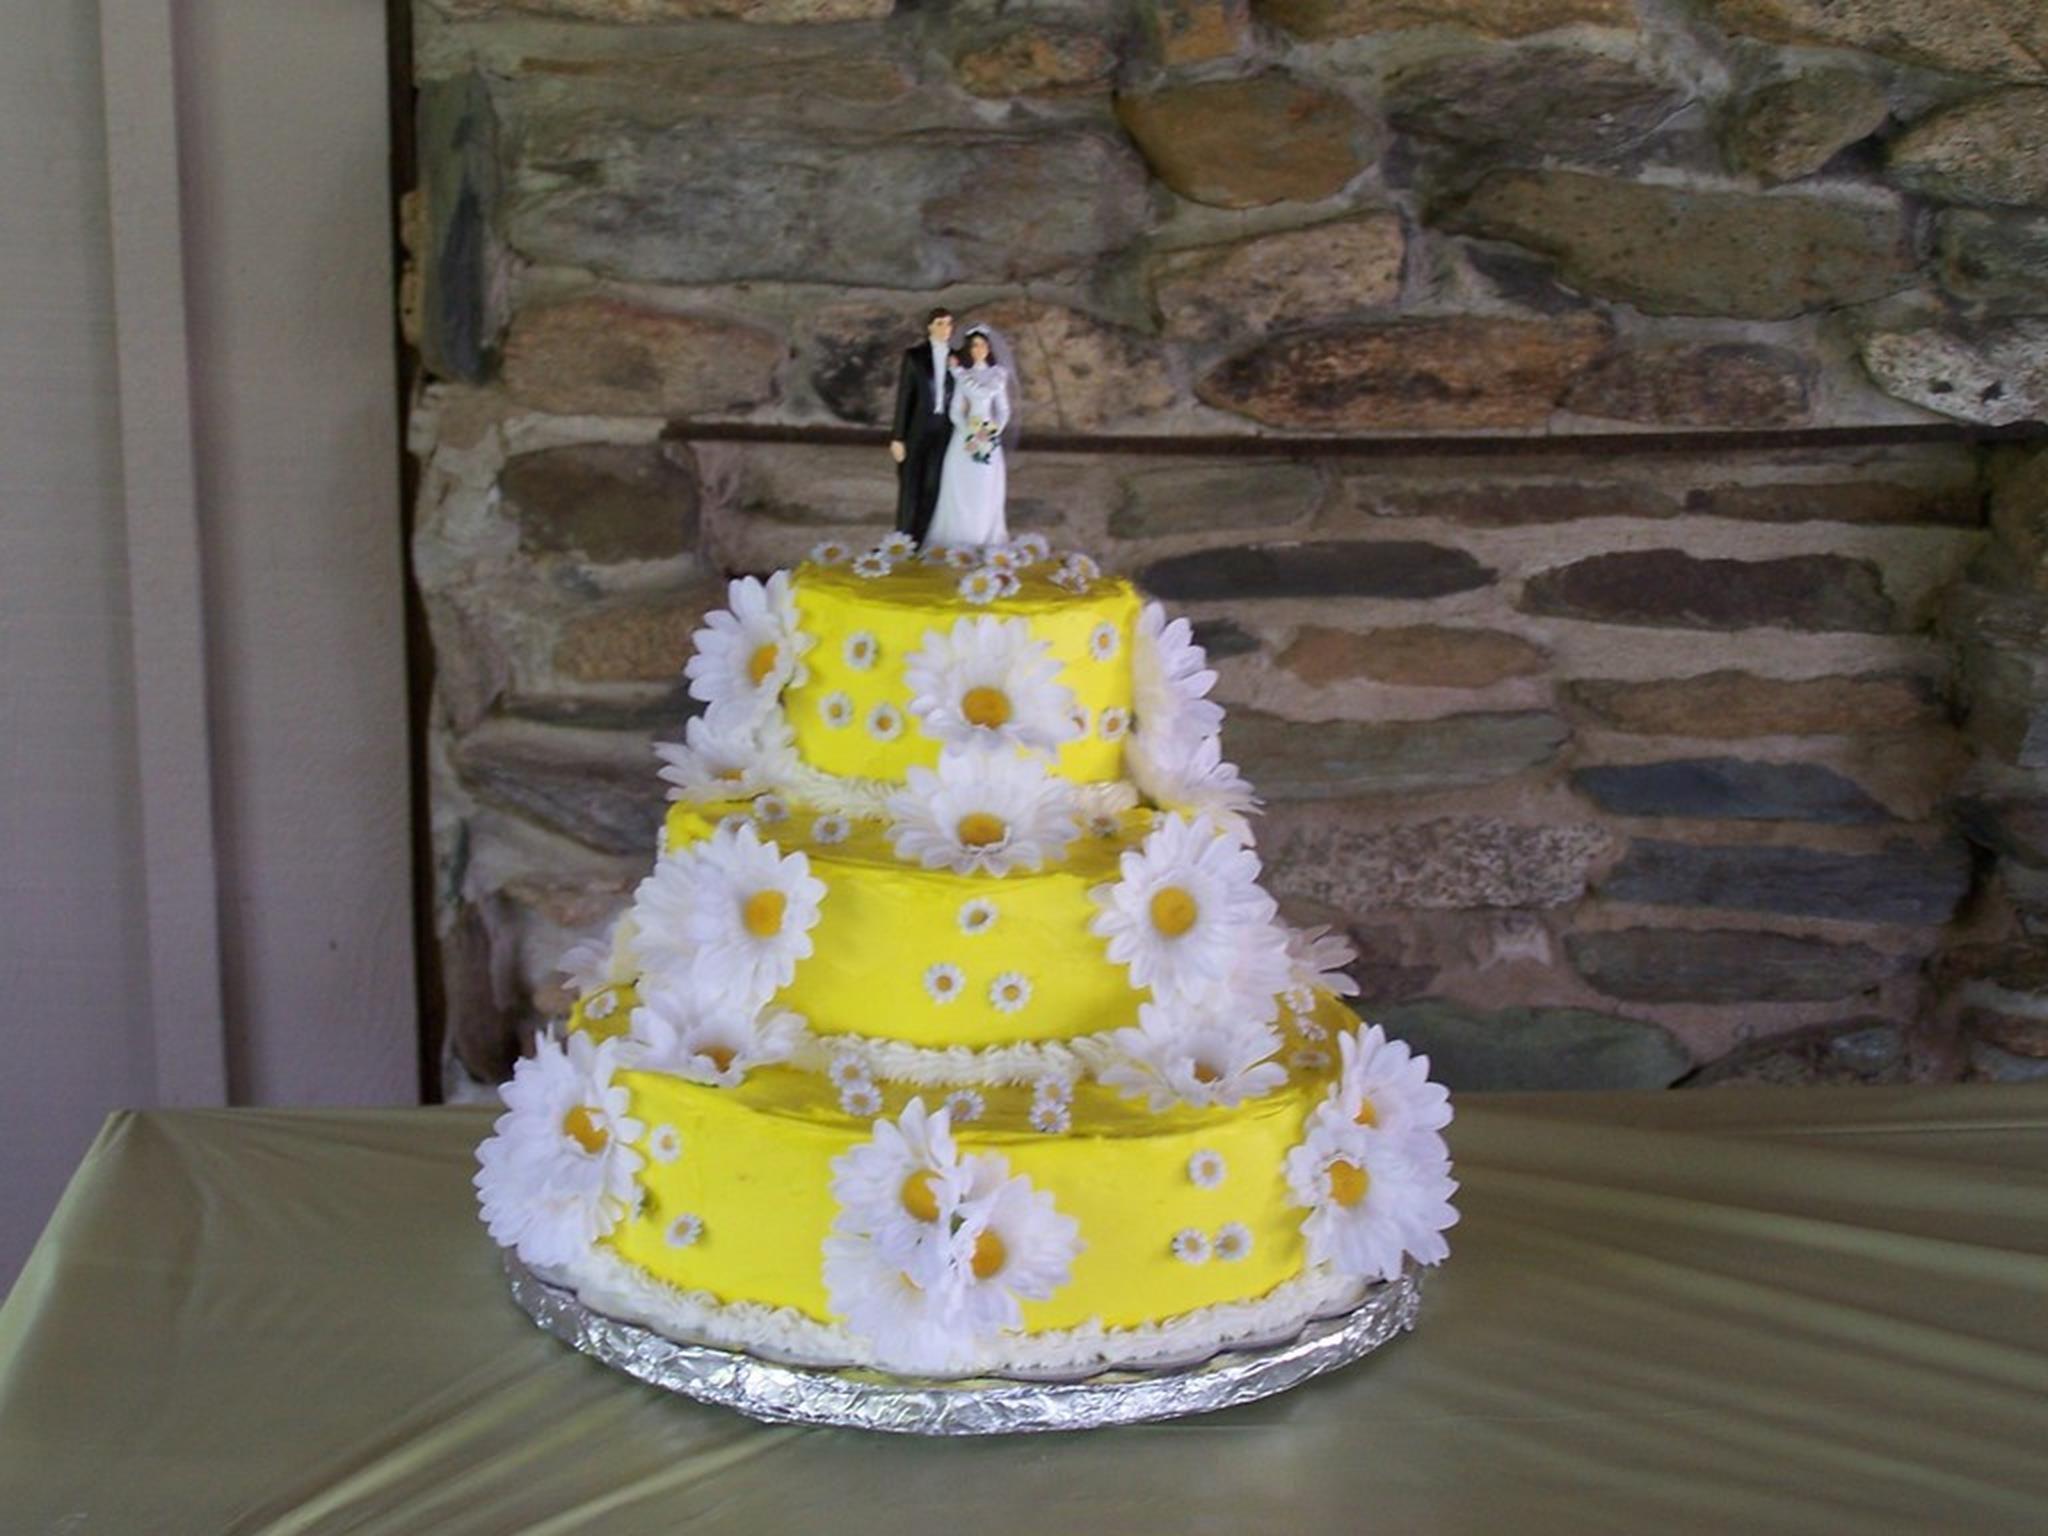 Wedding Cake Model Of Criminal Justice In 2020 Wedding Cake Sizes Wedding Cake Flavors Cake